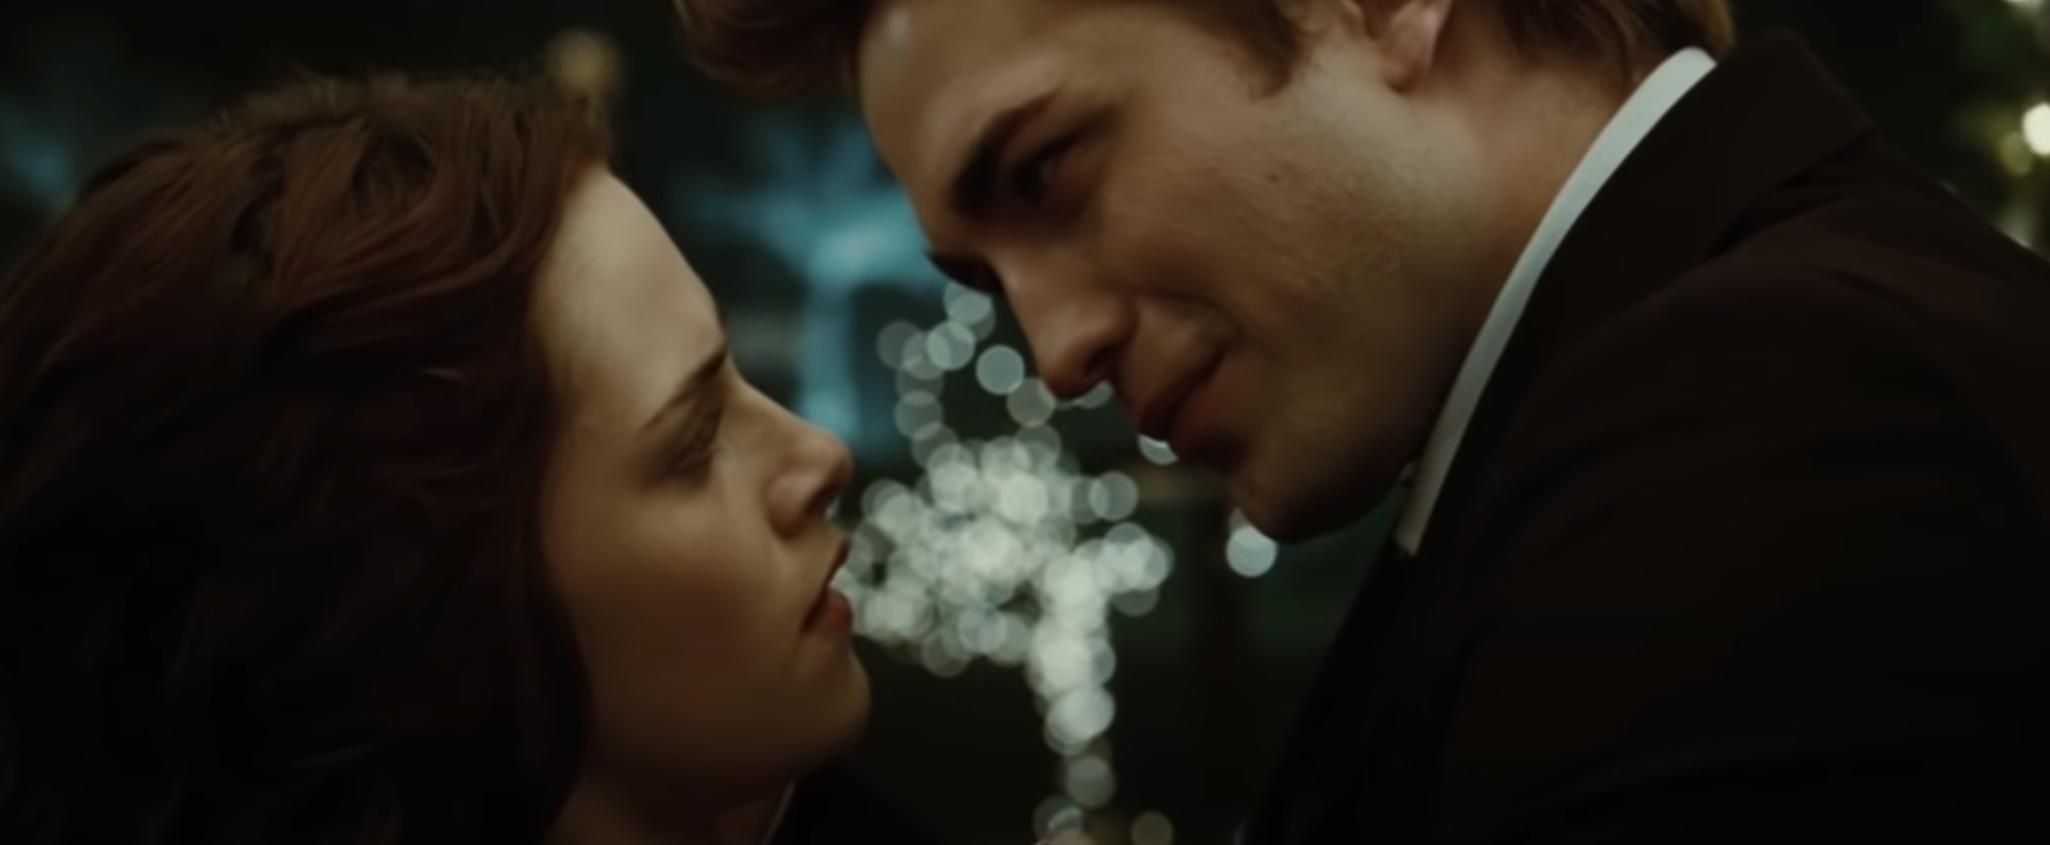 Bella Swan (Kristen Stewart) and Edward Cullen (Robert Pattinson) at prom in 'Twilight'